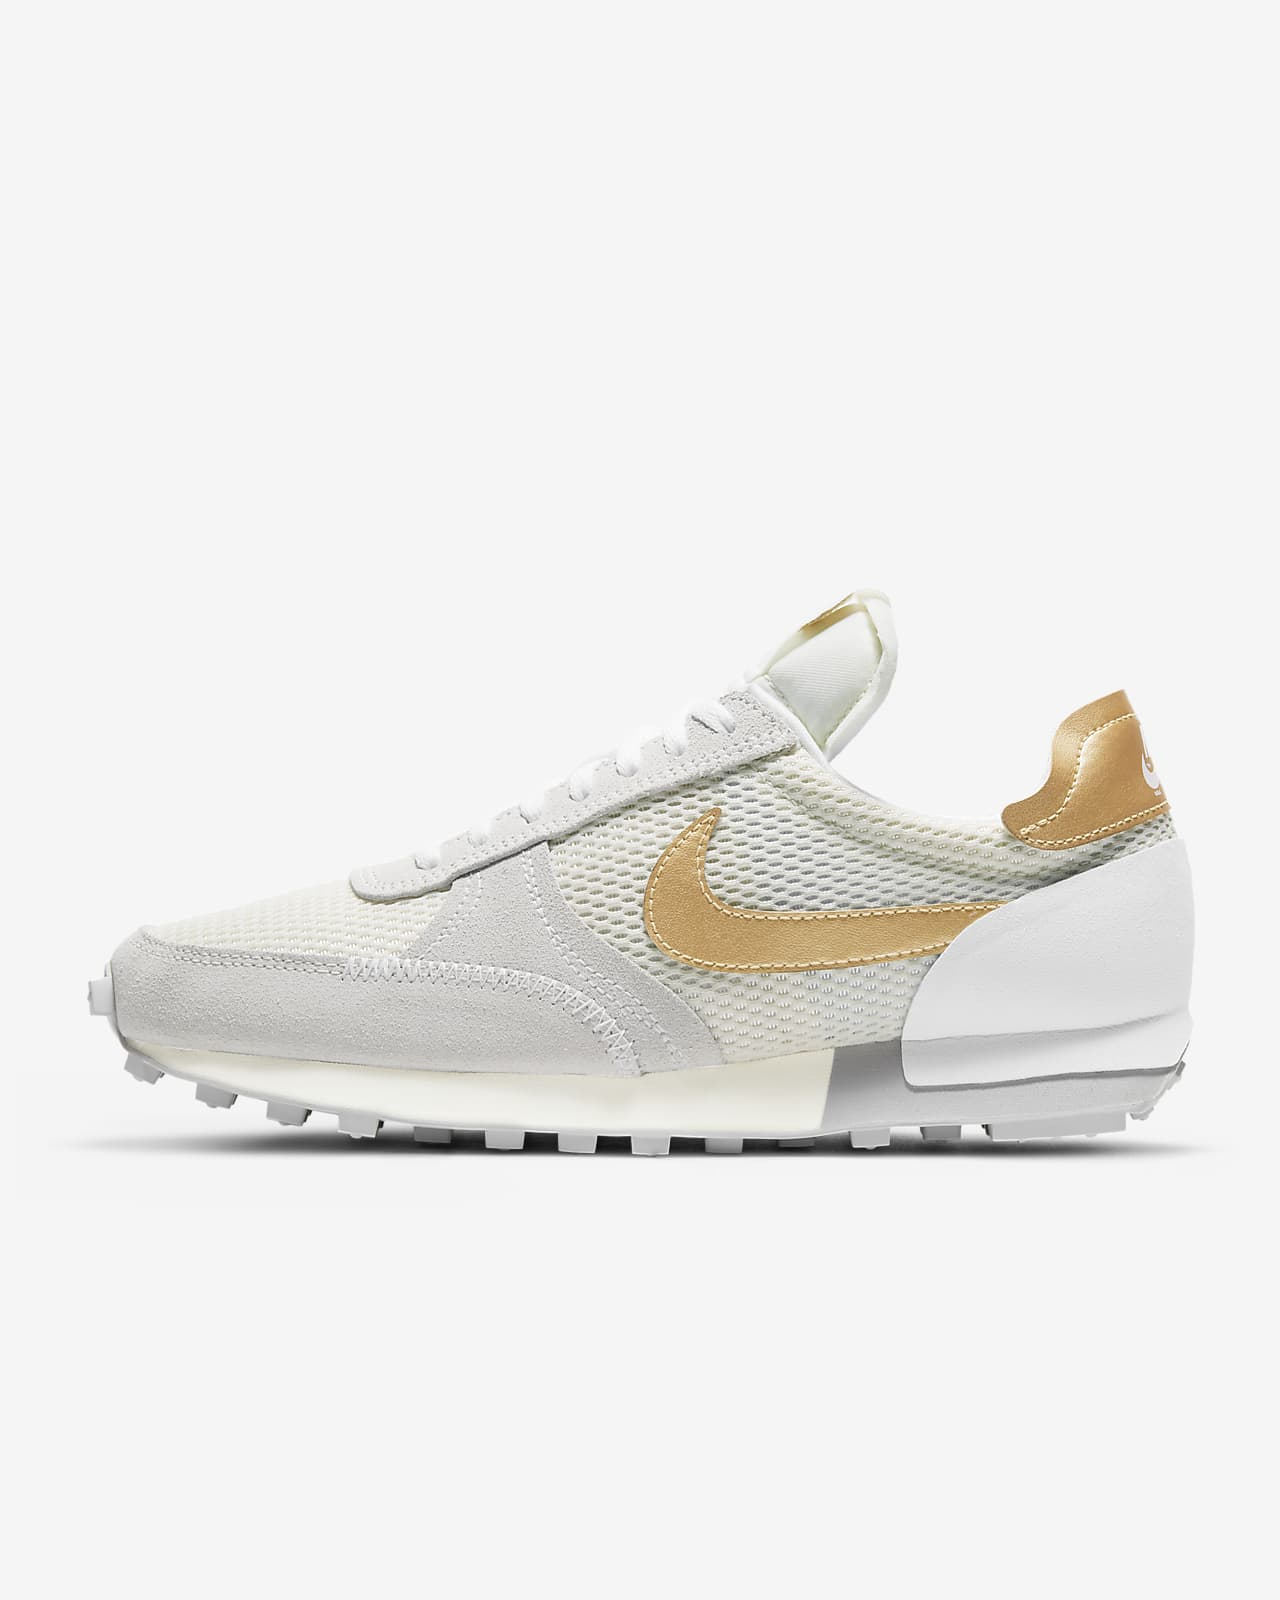 Nike DBreak-Type Women's Shoe